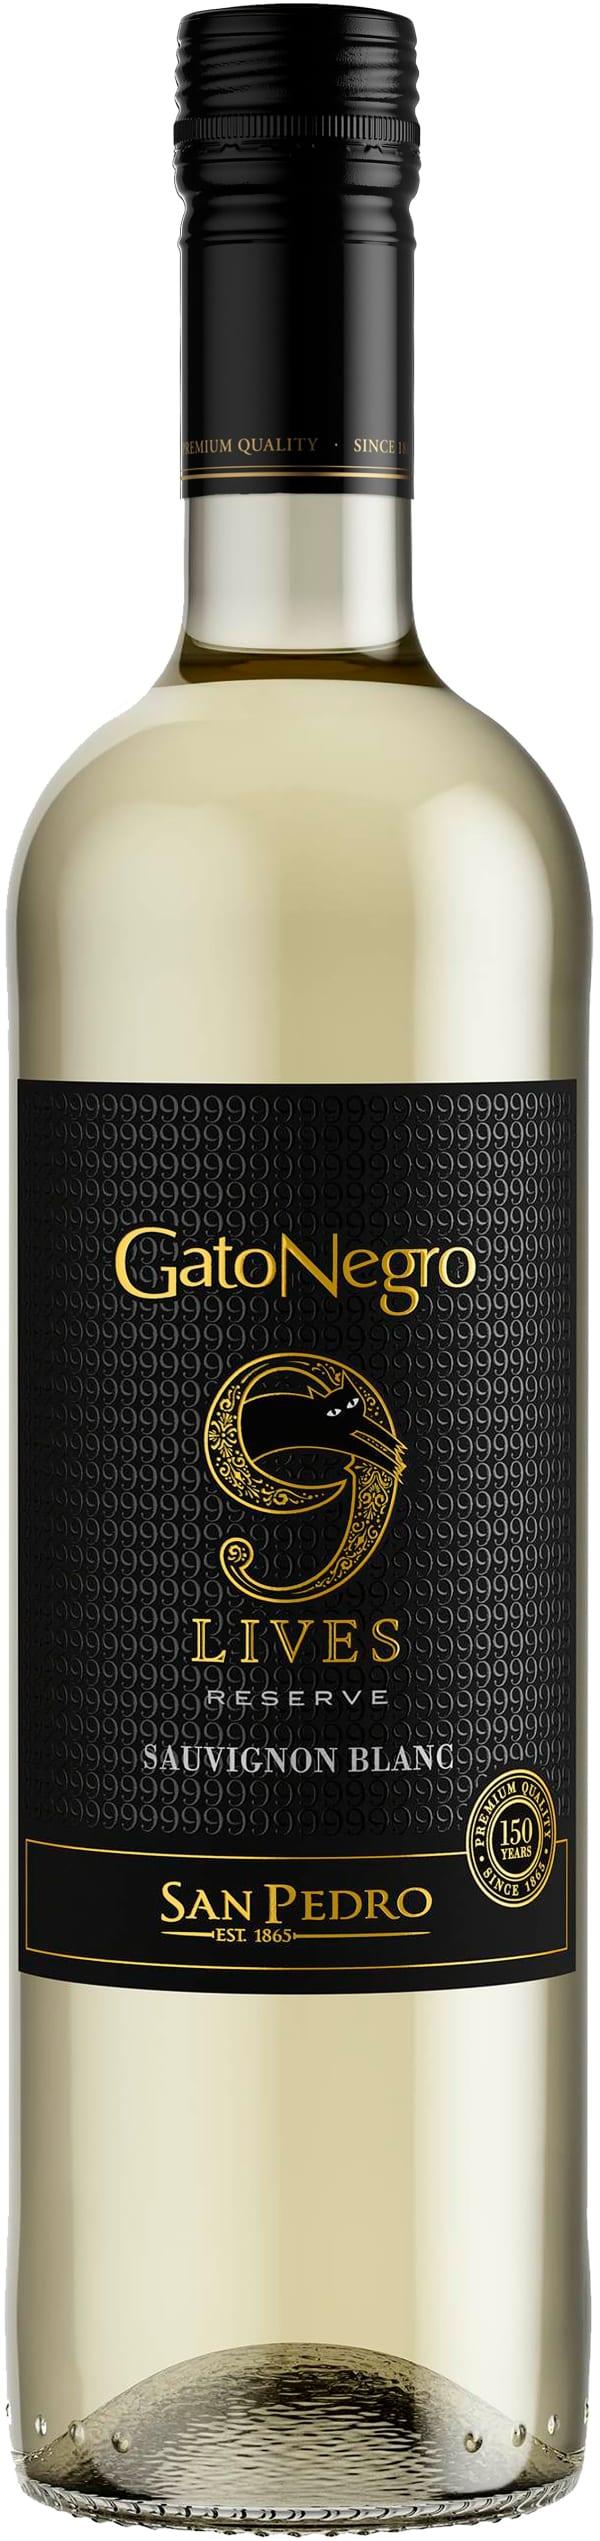 Gato Negro 9 Lives Sauvignon Blanc Reserve 2019